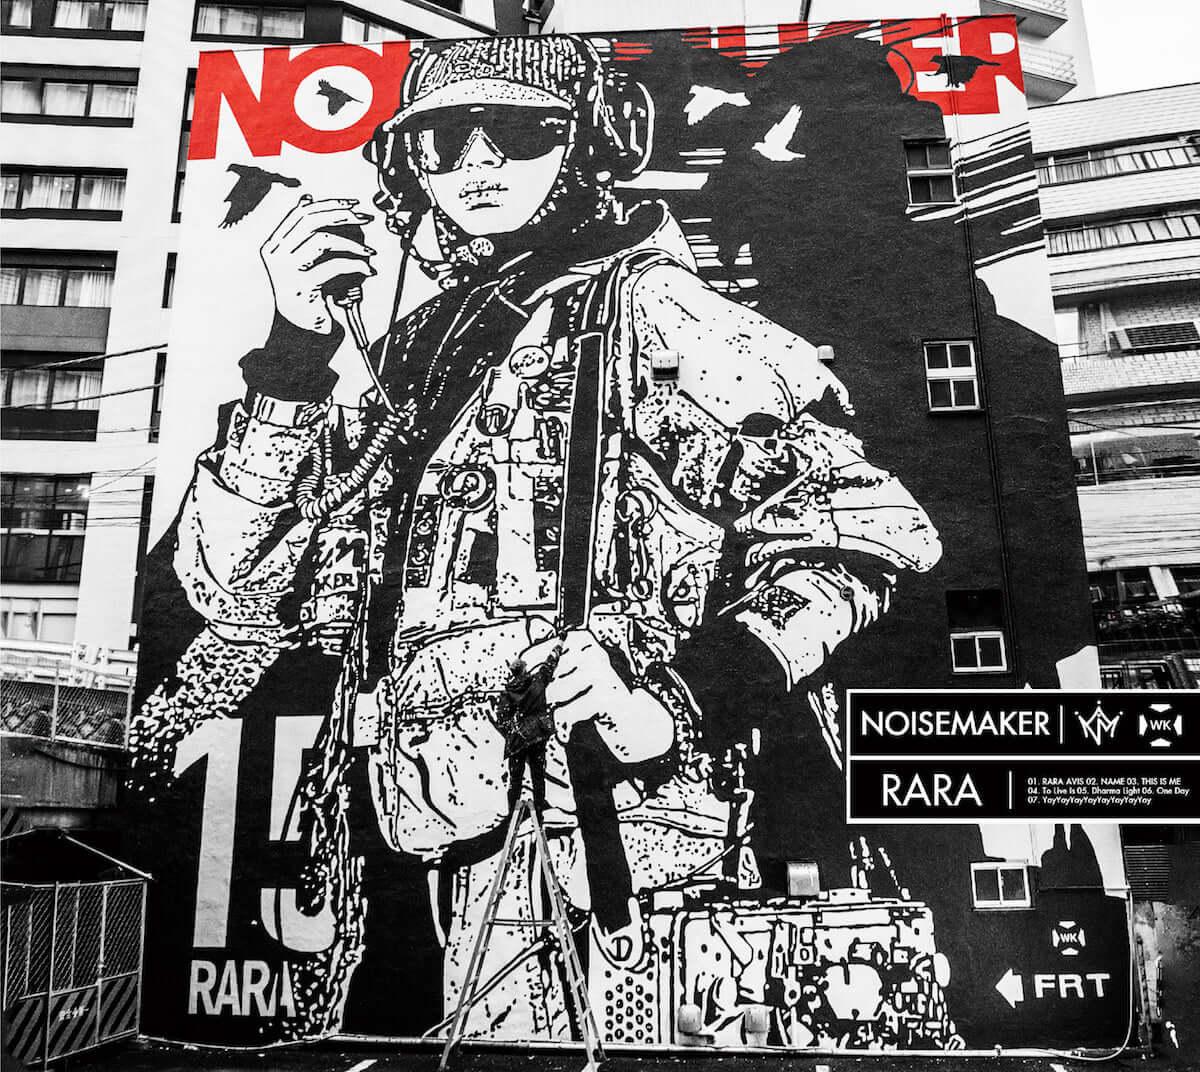 NOISEMAKER×WK Interactインタビュー 最新作『RARA』で実現したコラボとサウンドとアートワークで示すオリジナリティ NOISEMAKER-1200x1072